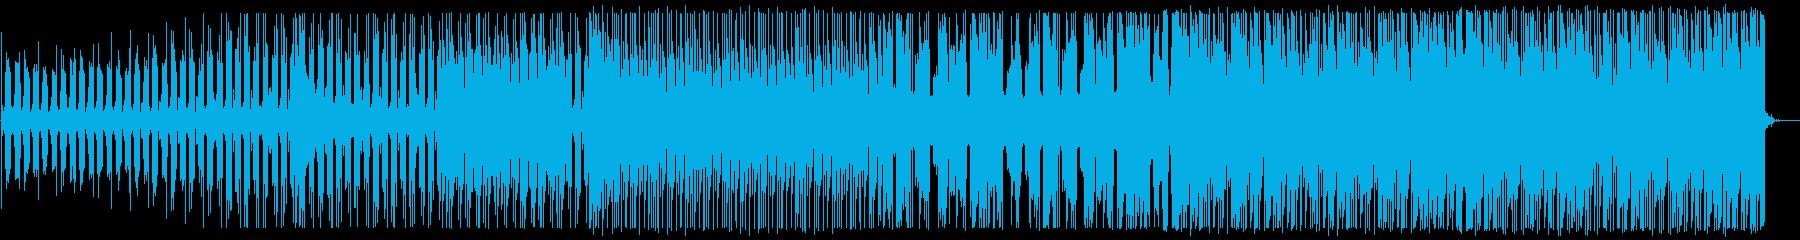 爽やかなトロピカルハウス_No586_3の再生済みの波形